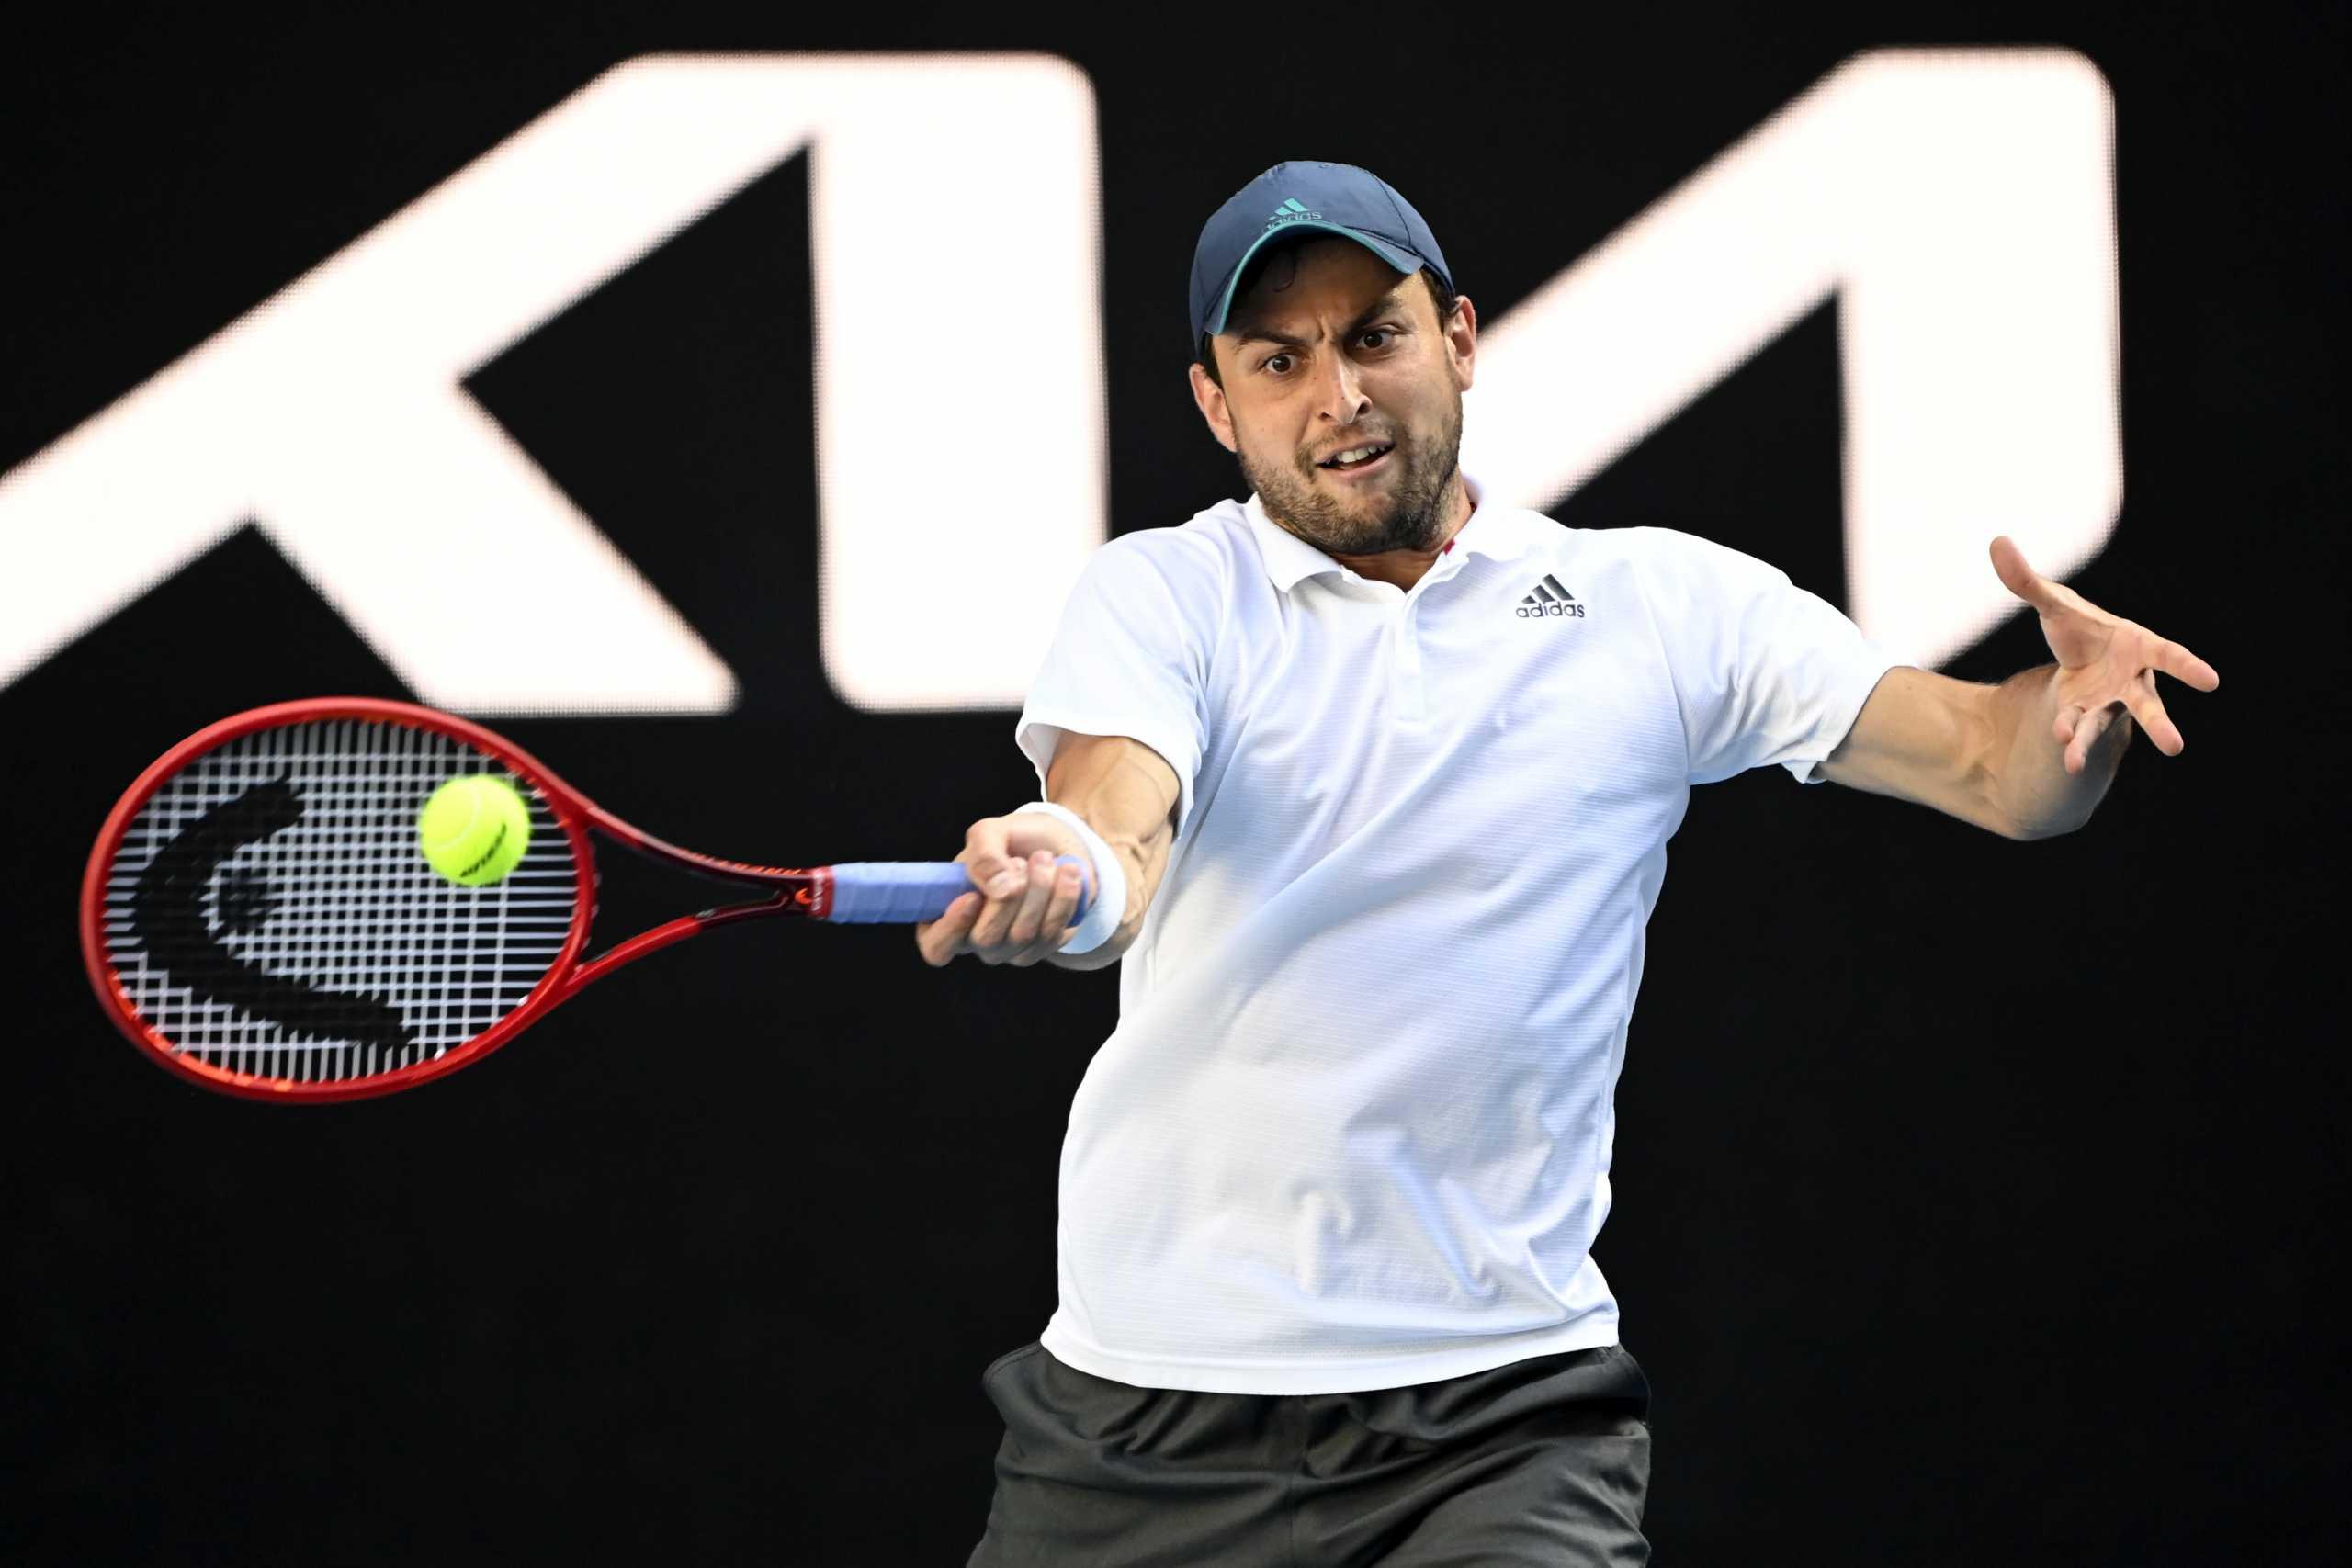 Έκπληξη στο Australian Open, πρόωρος αποκλεισμός για Σβάρτσμαν (video)